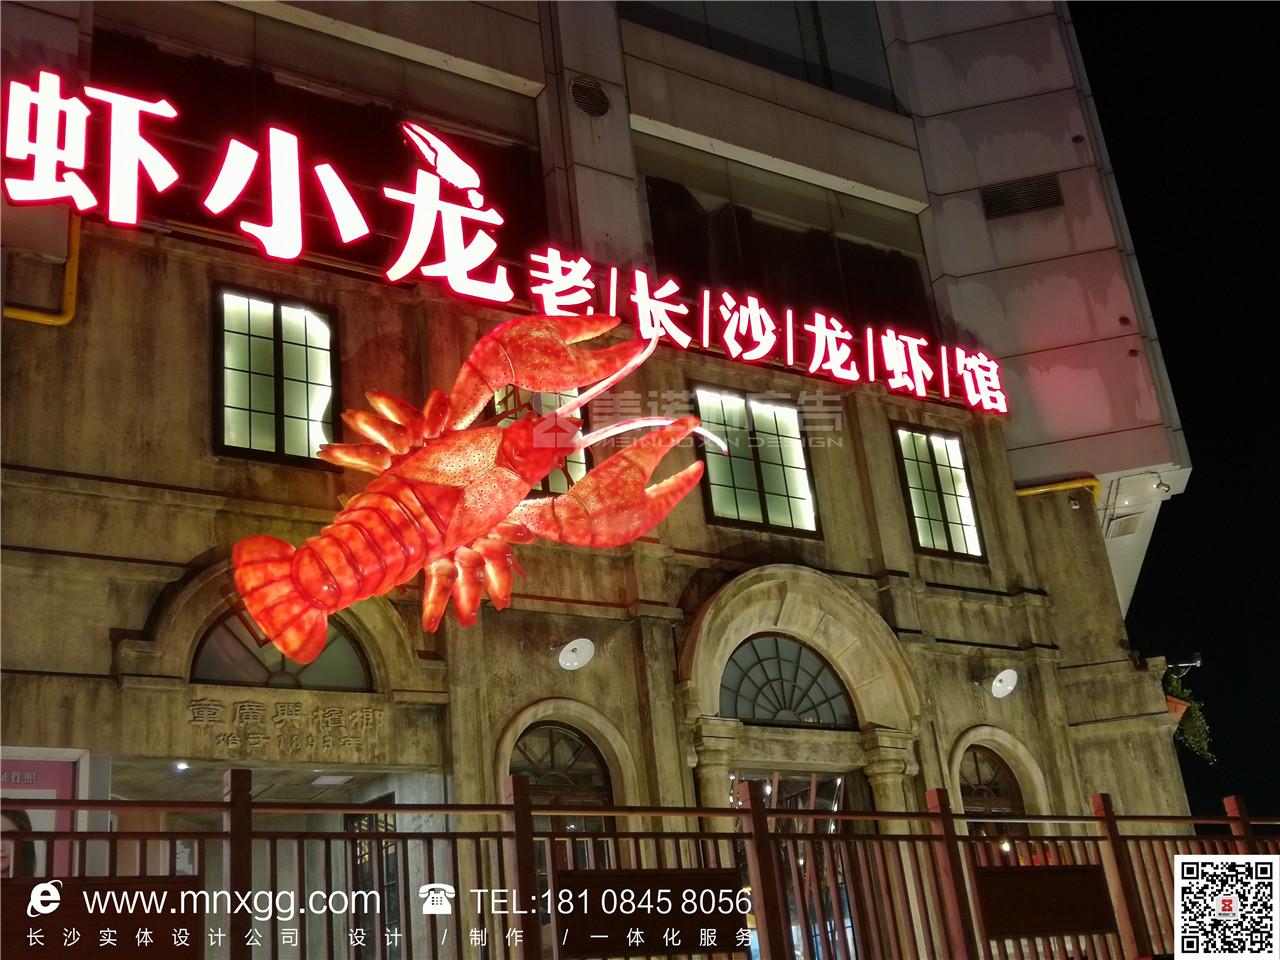 虾小龙老长沙龙虾馆——户外广告招牌